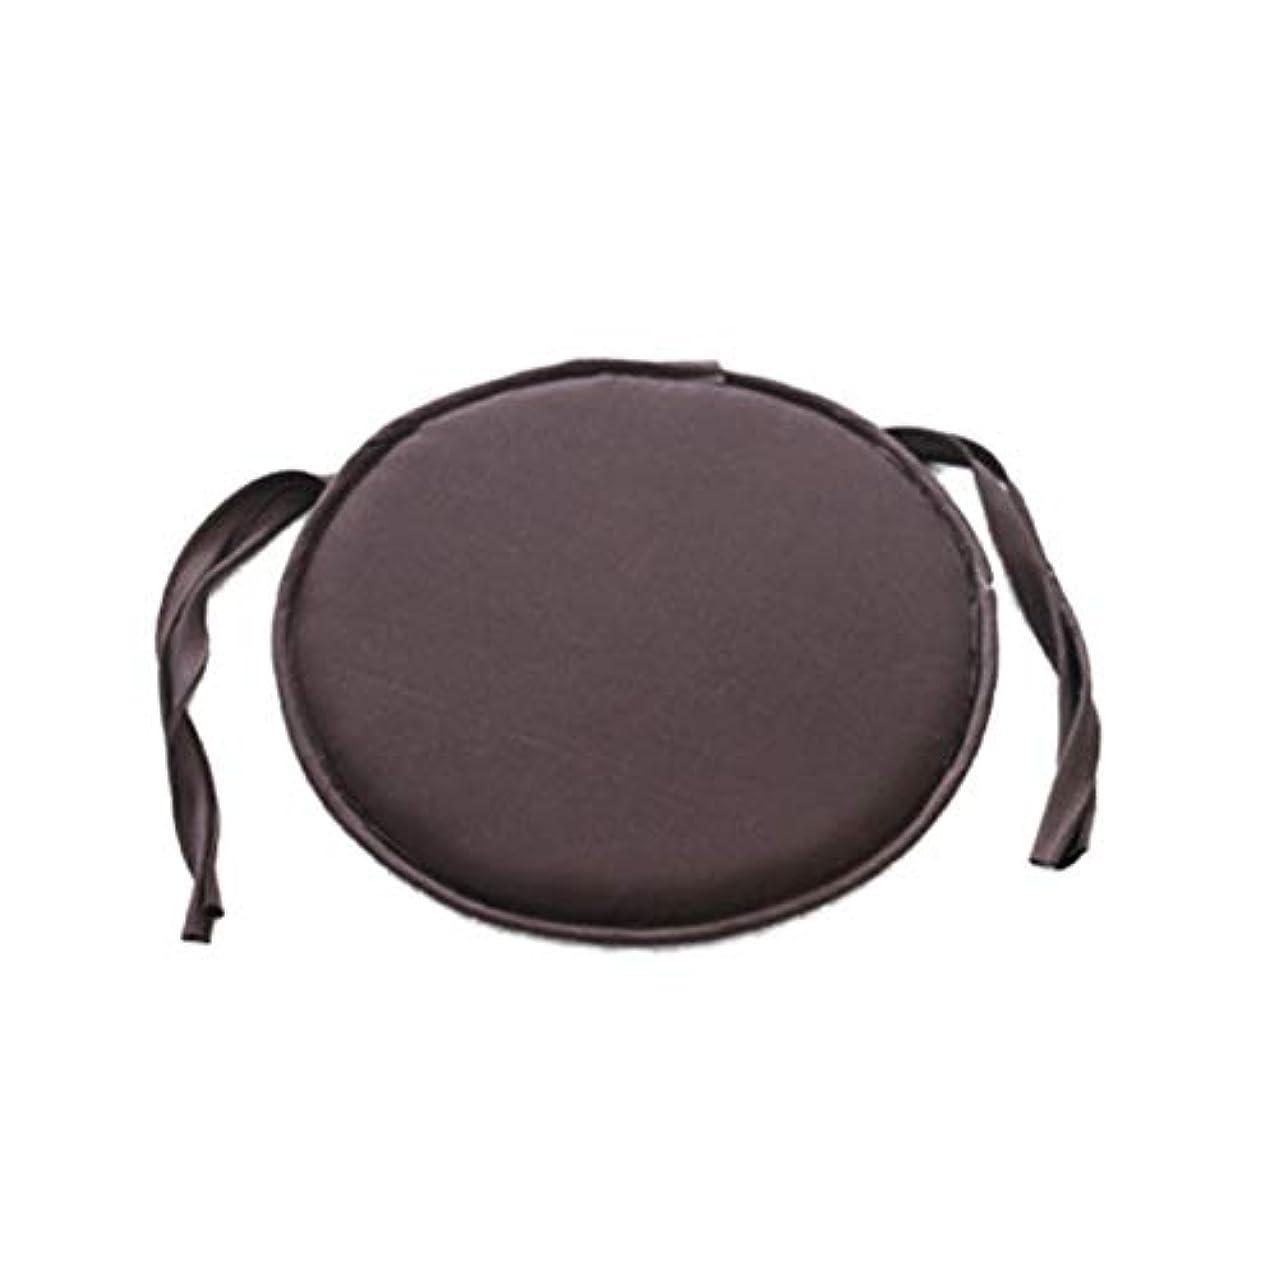 なんとなく許すスライスSMART ホット販売ラウンドチェアクッション屋内ポップパティオオフィスチェアシートパッドネクタイスクエアガーデンキッチンダイニングクッション クッション 椅子